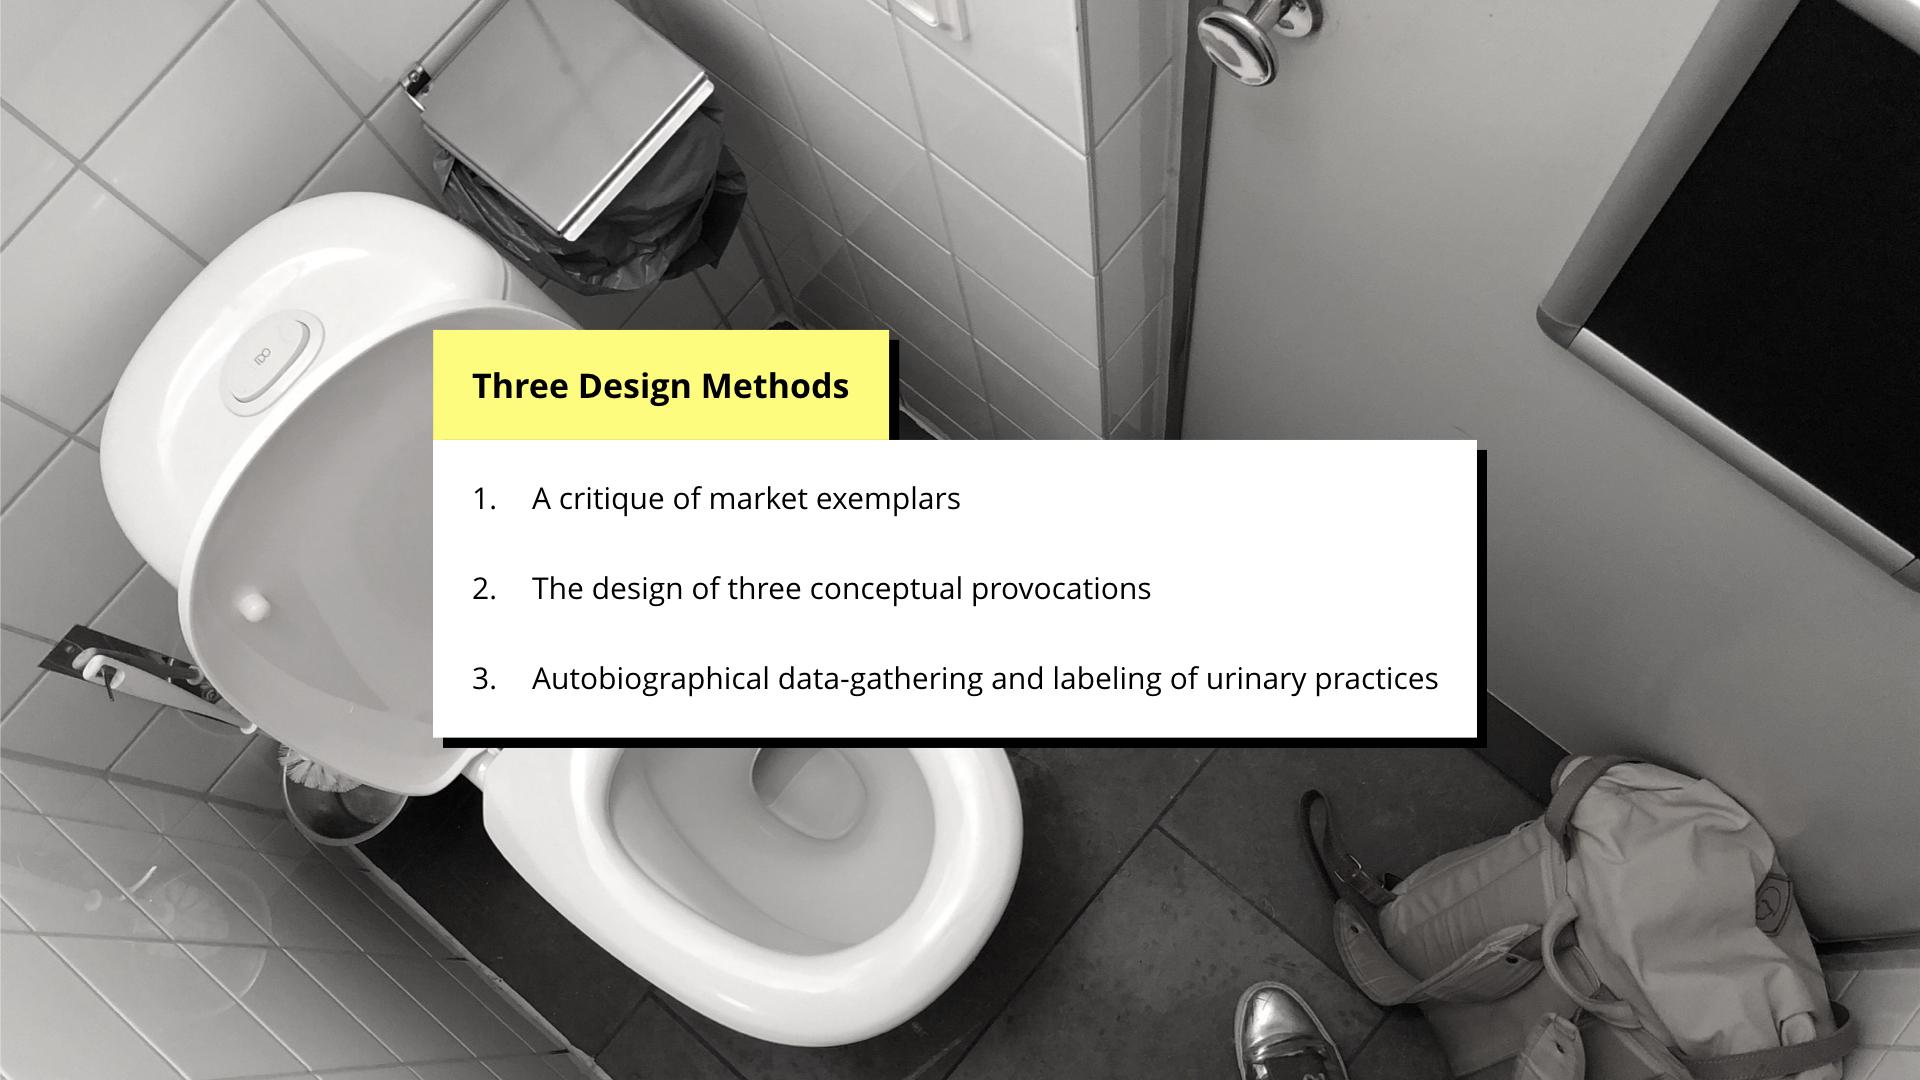 DIS 2019 paper presentation - design methods